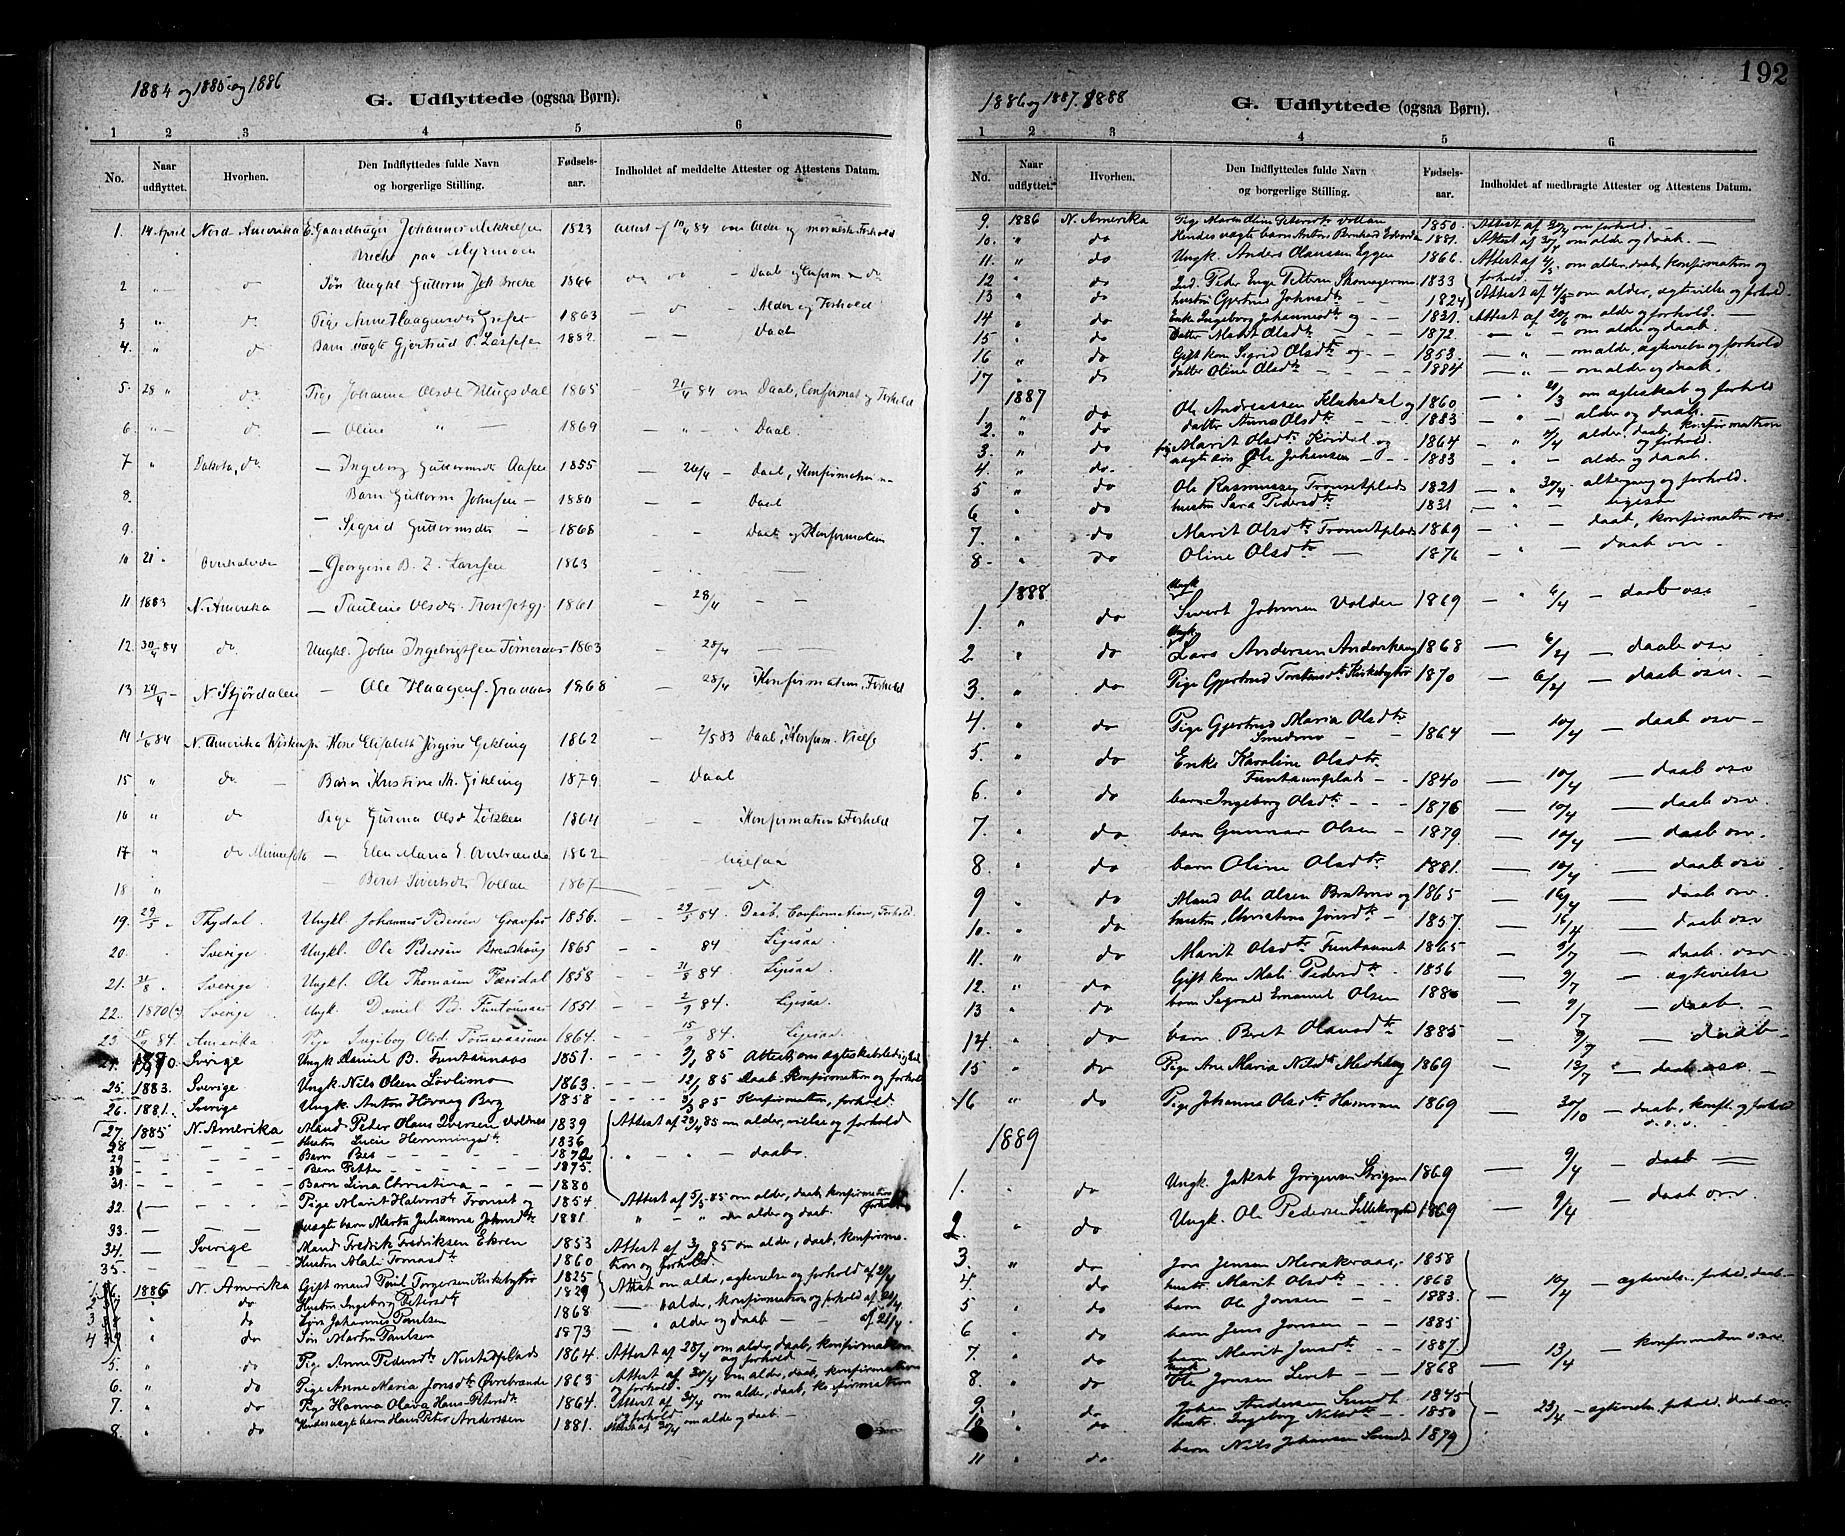 SAT, Ministerialprotokoller, klokkerbøker og fødselsregistre - Nord-Trøndelag, 706/L0047: Parish register (official) no. 706A03, 1878-1892, p. 192